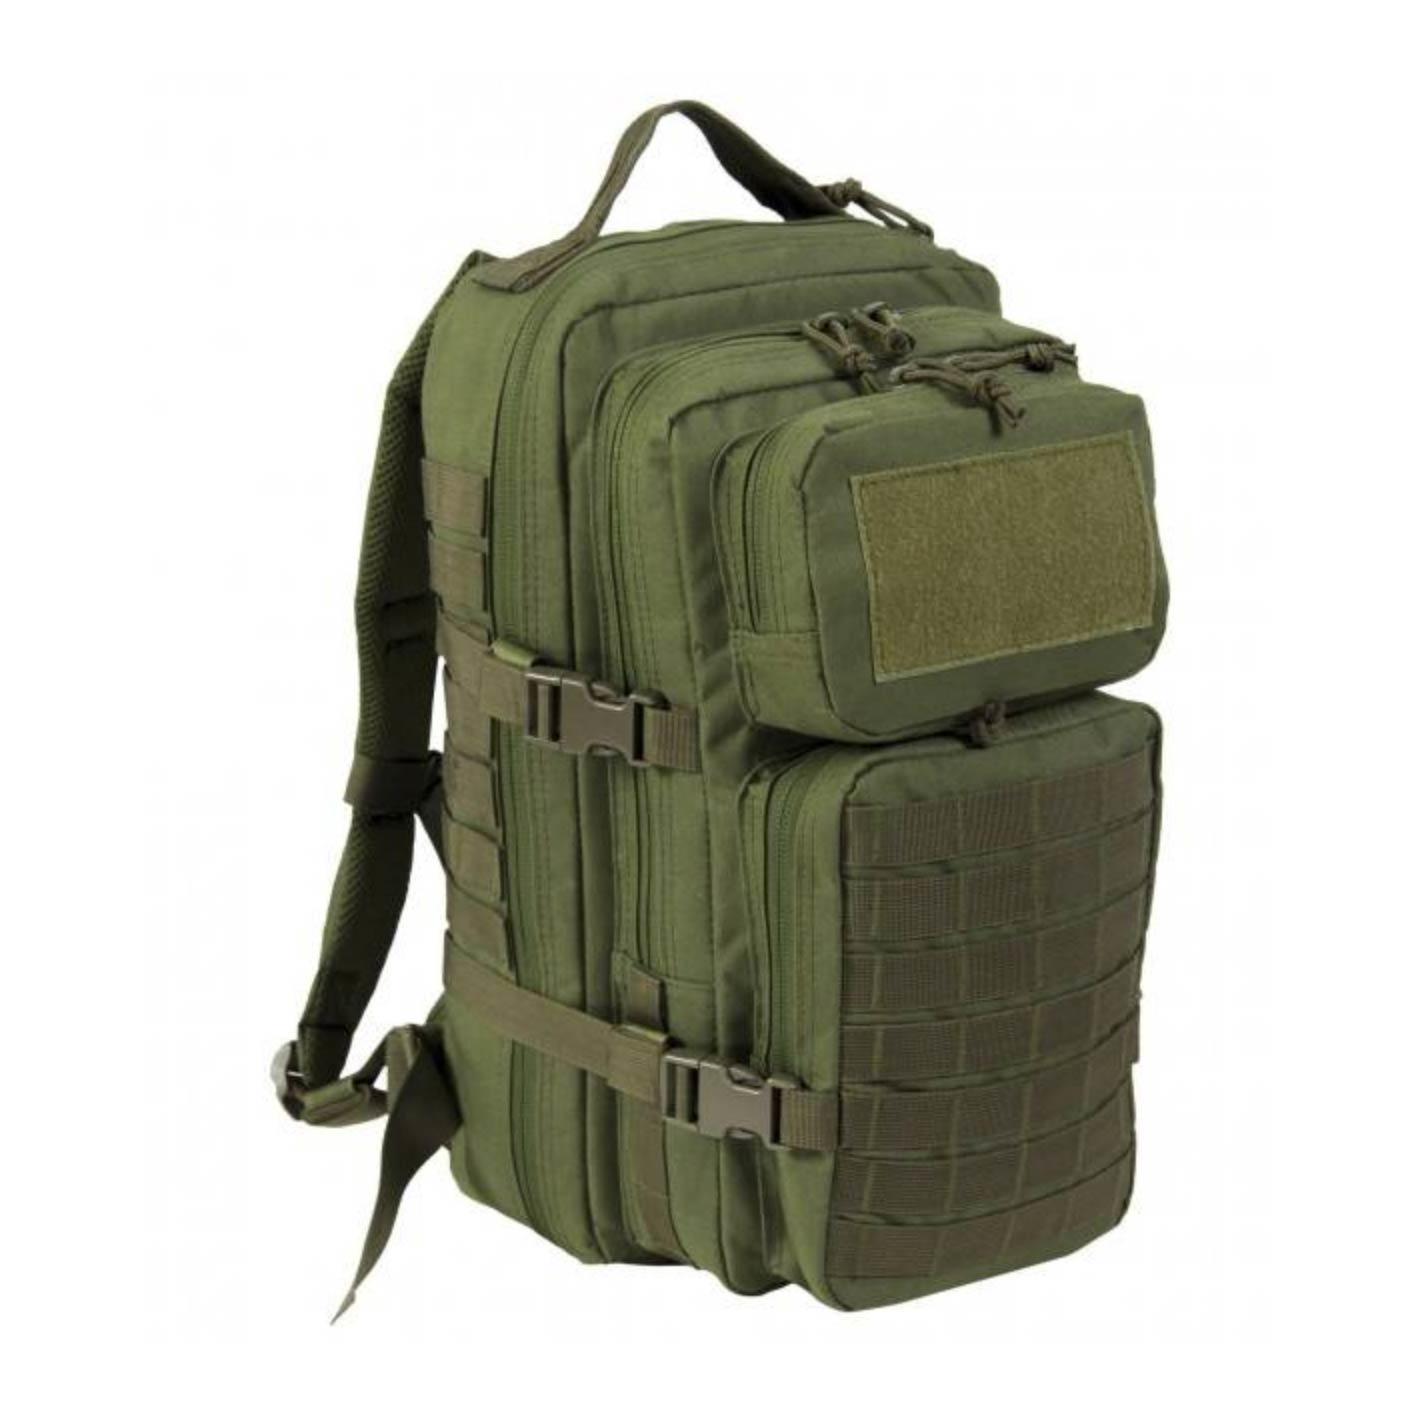 57c42662fbe Pro-Force Recon rugzak (28 liter - olive green) - Noodzaken.nl